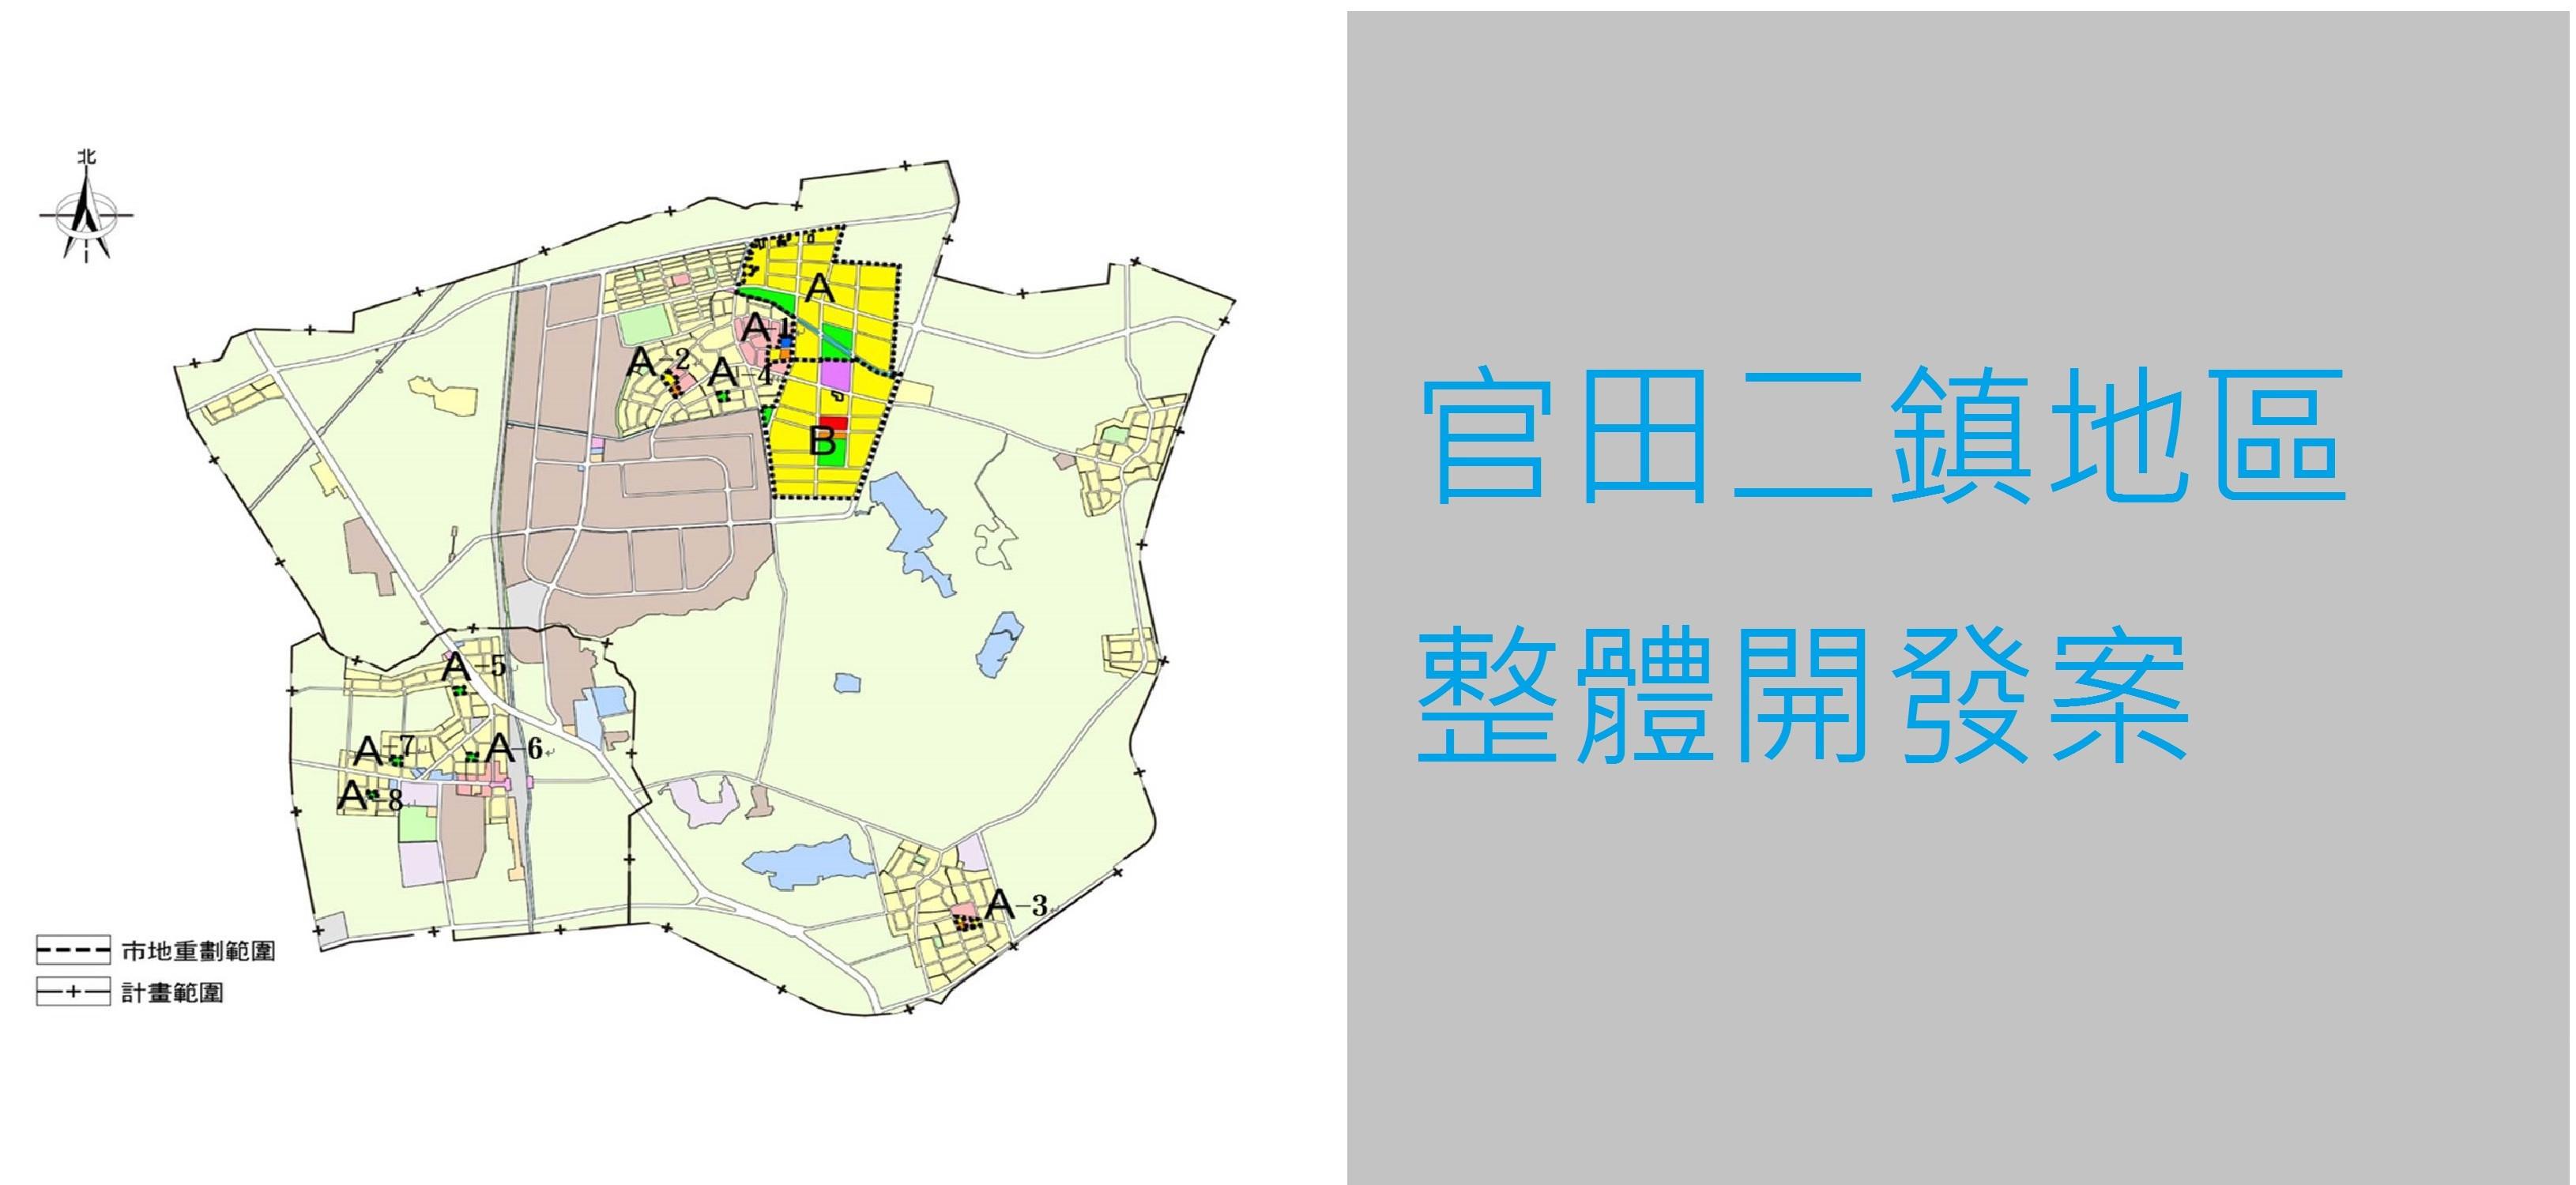 官田二鎮地區整體開發案